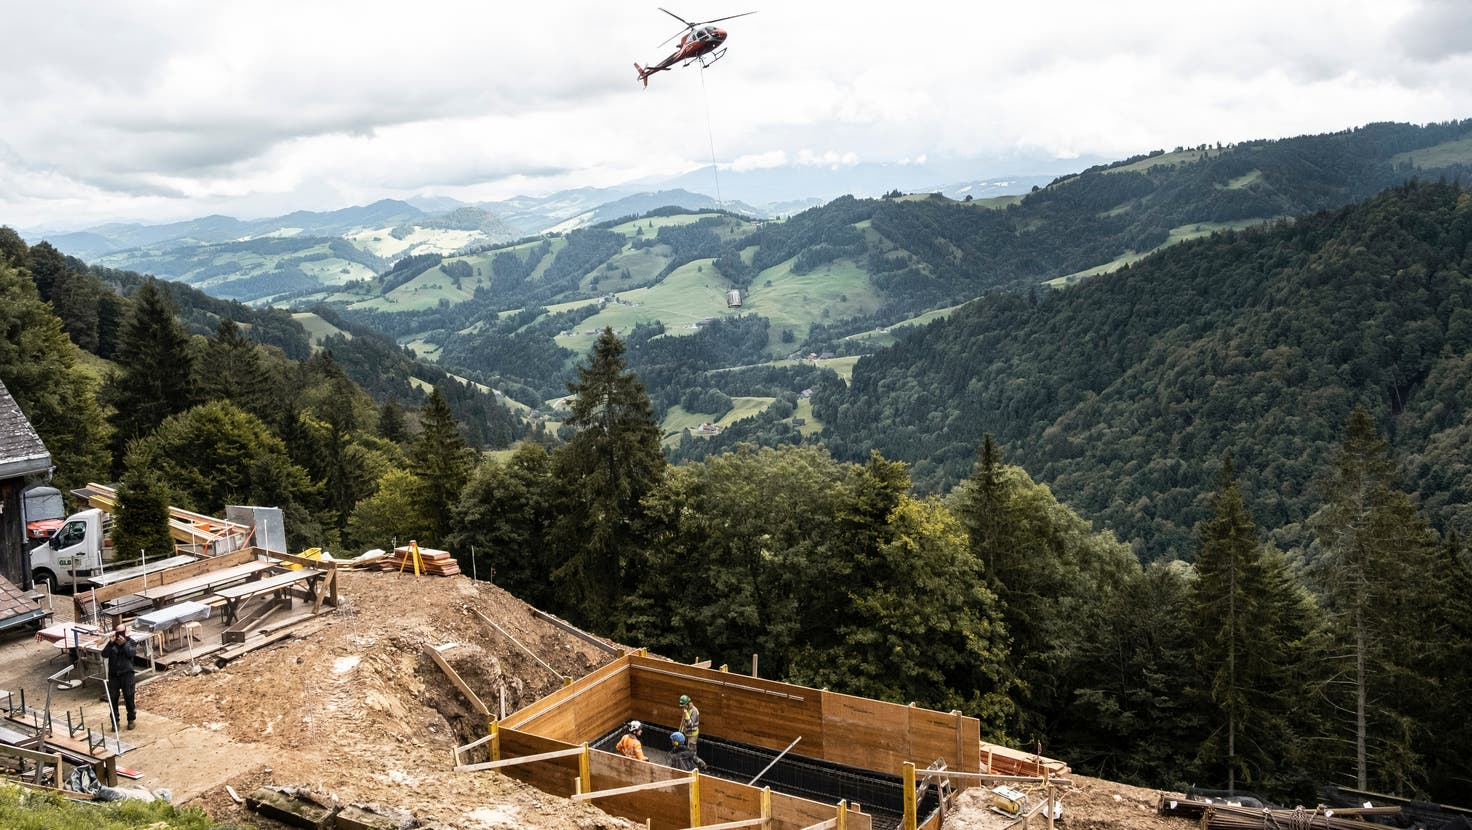 Am Donnerstag flog der Helikopter zum ersten Mal auf die Meiersalp. (Bild: Andri Vöhringer)